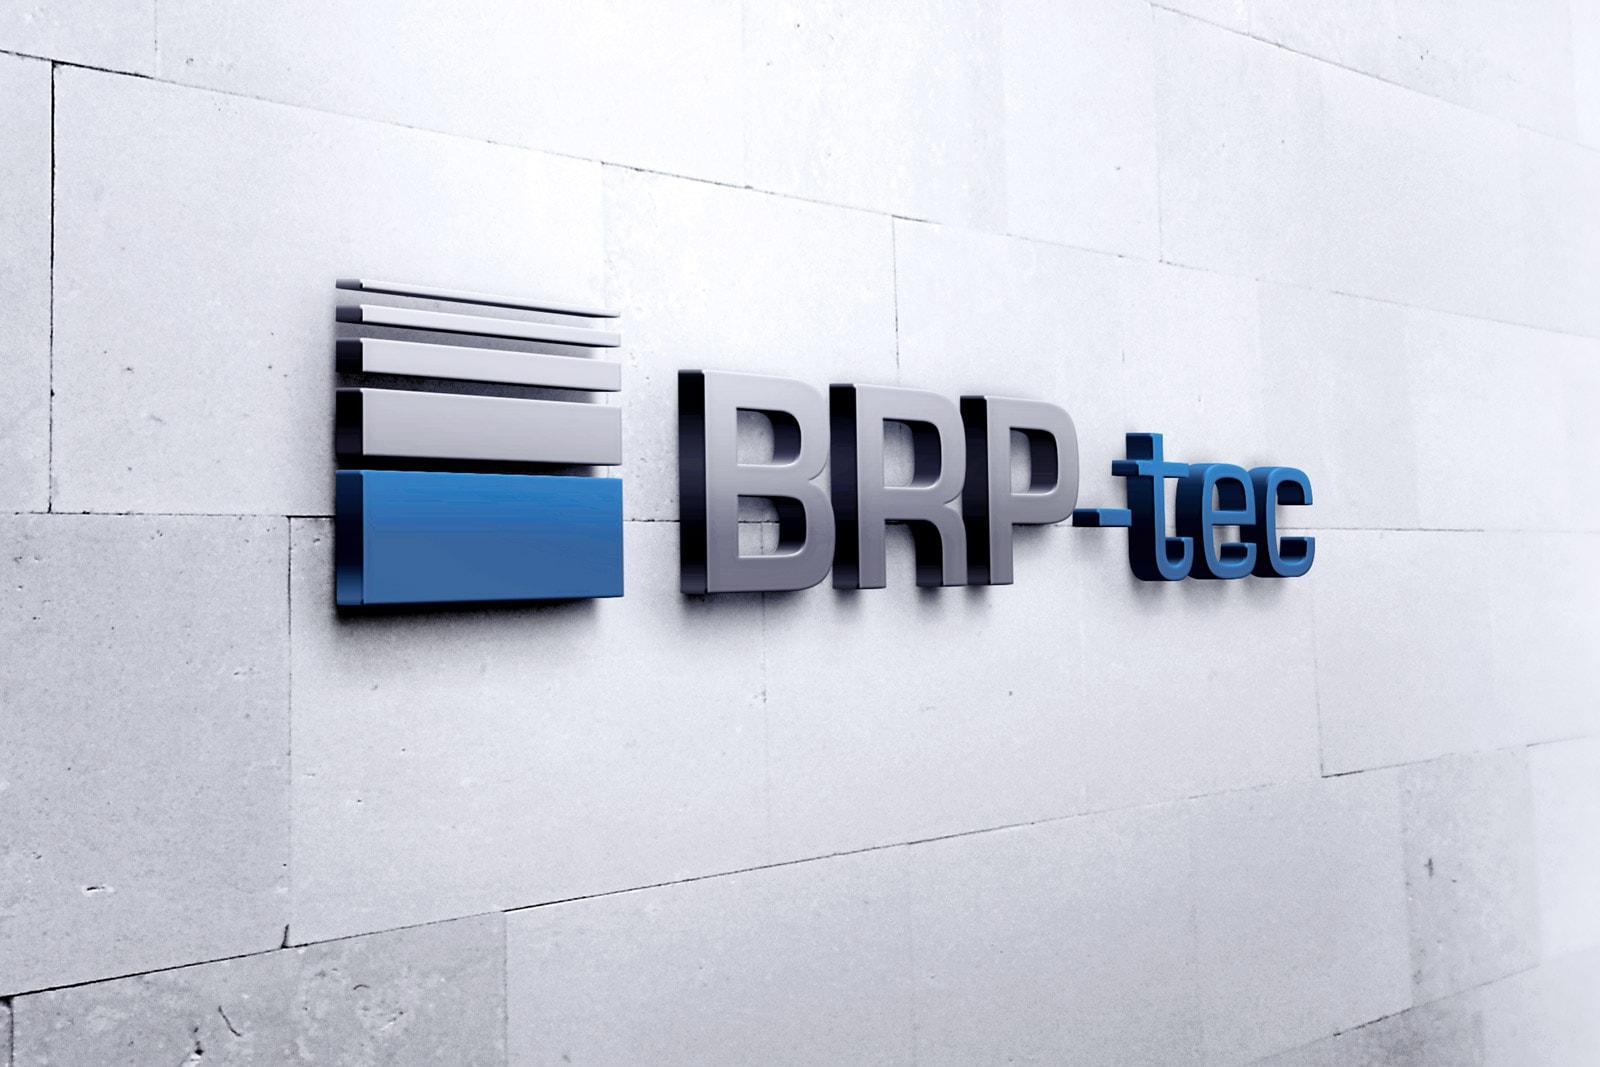 BRP-tec, Firmenschild, 3D-Buchstaben